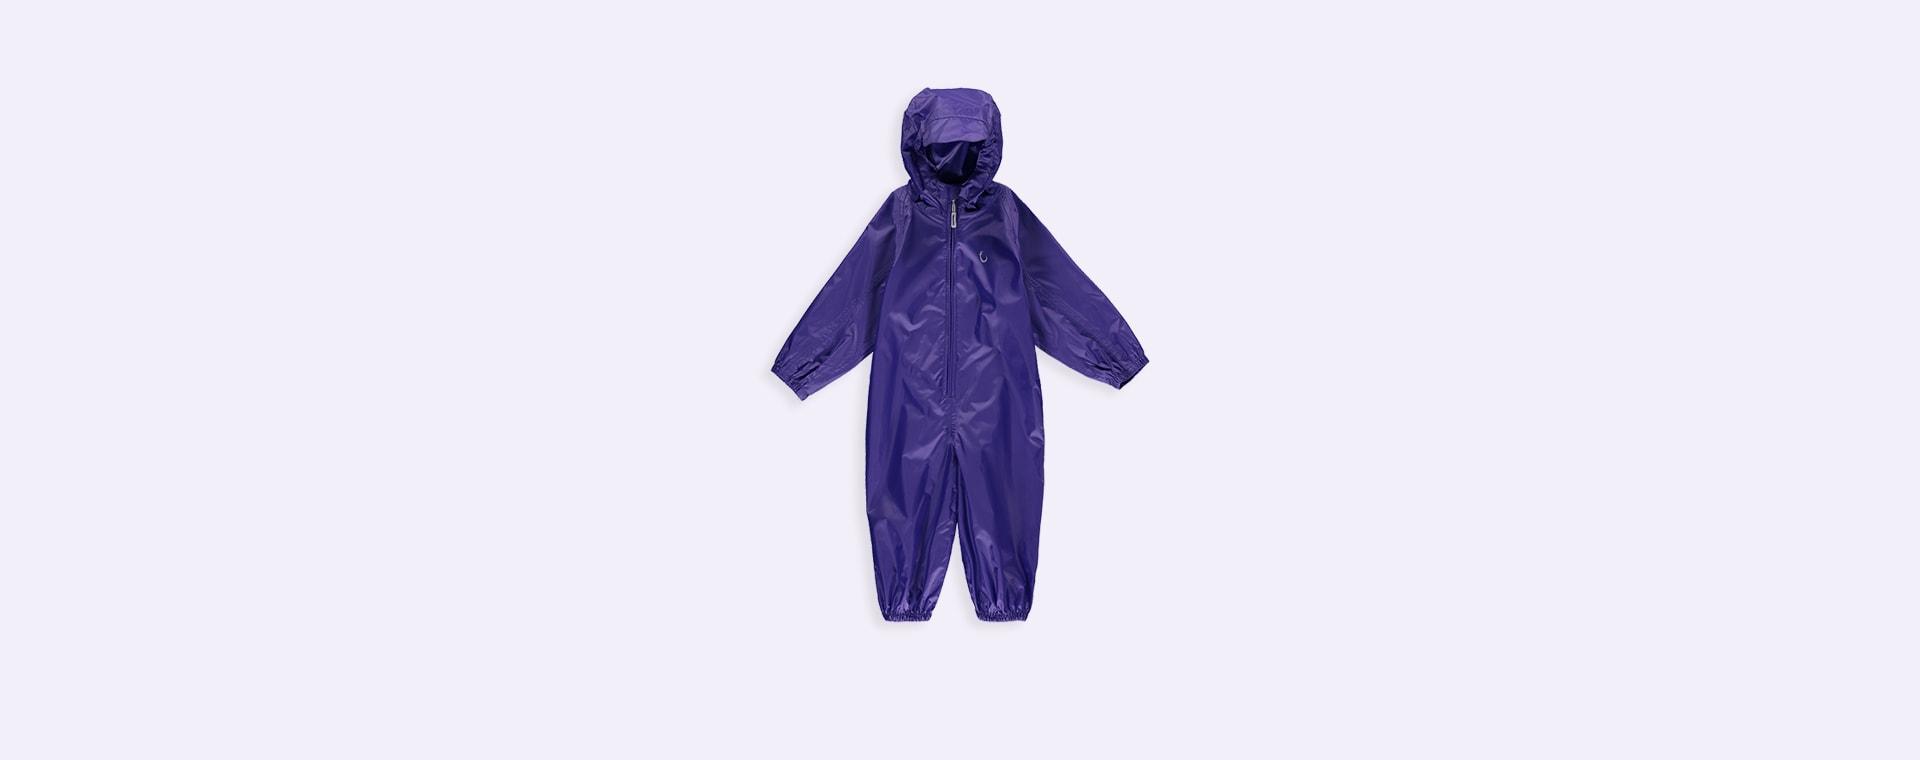 Ultra Violet Hippychick Packasuit